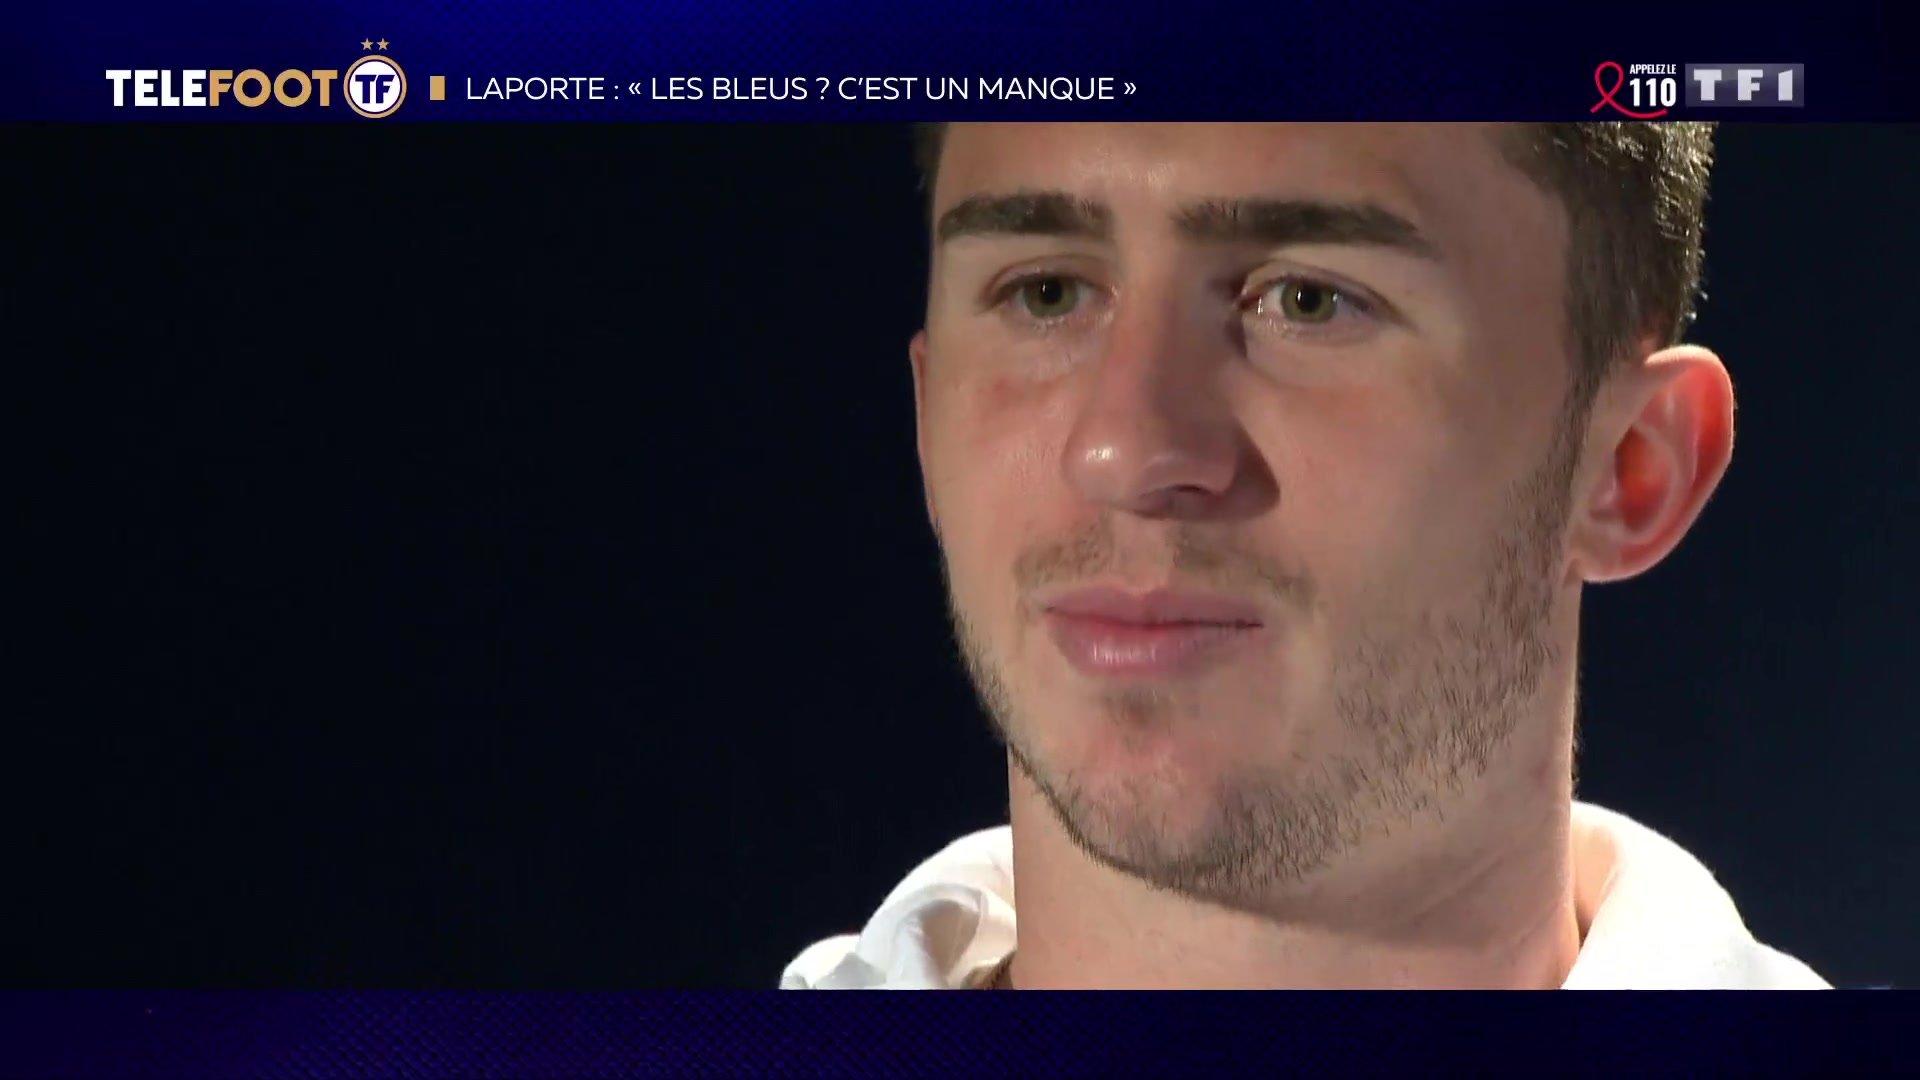 """[EXCLU Téléfoot 7/04] - Laporte : """"Les Bleus ? C'est un manque"""""""